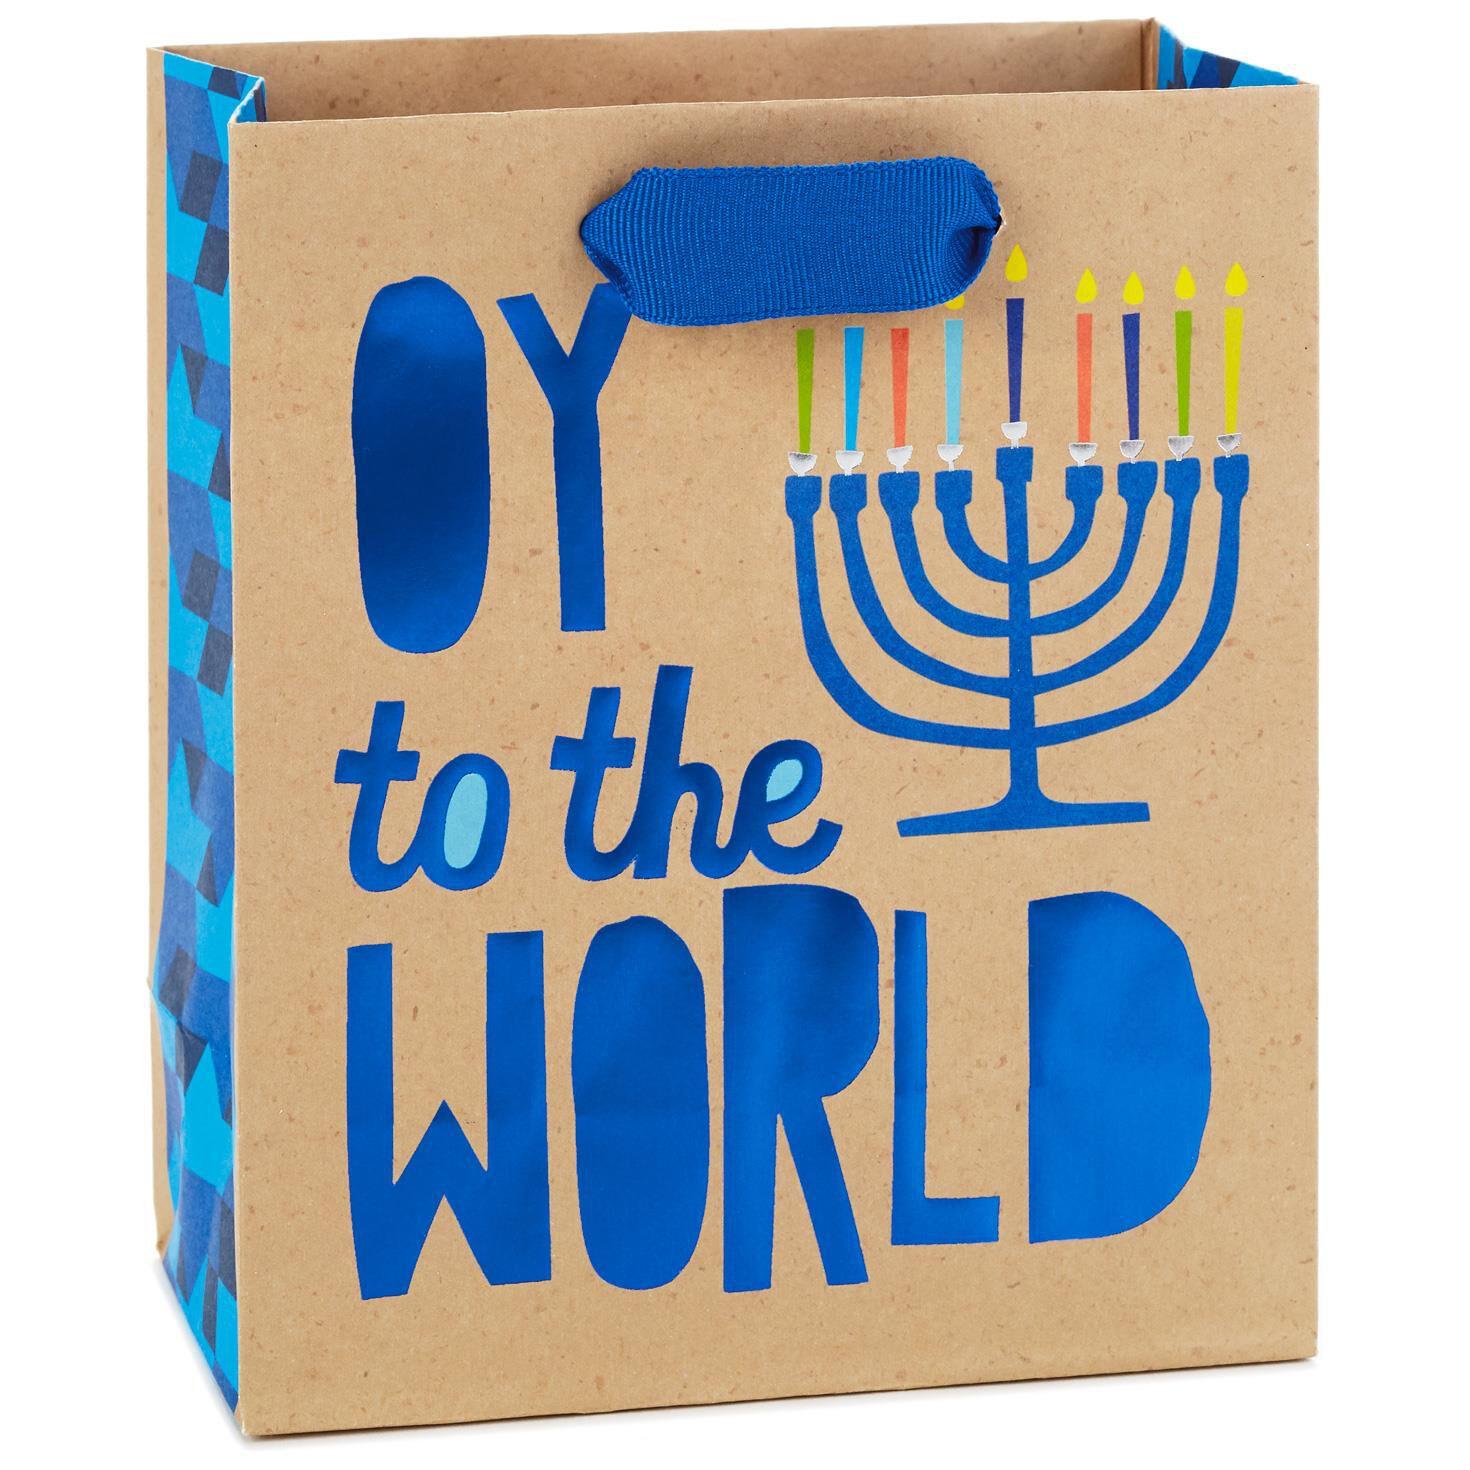 Oy to the World Menorah Small Hanukkah Gift Bag 6.5  - Gift Bags - Hallmark  sc 1 st  Hallmark & Oy to the World Menorah Small Hanukkah Gift Bag 6.5